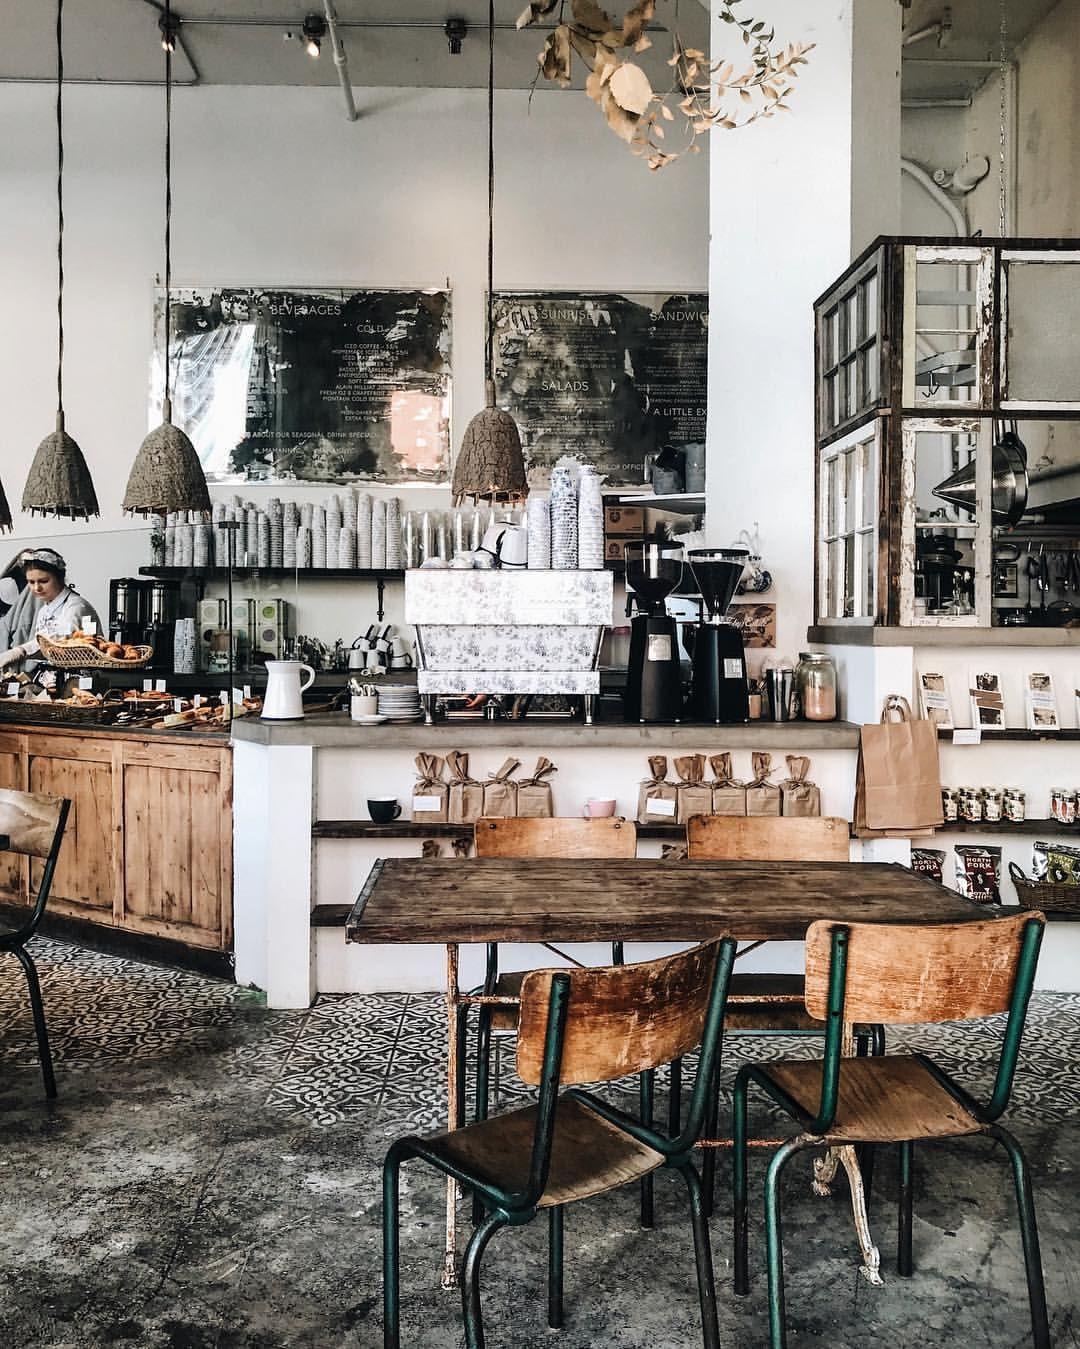 Maman Nyc Coffee Cafe Cafe Interior Design Cafe Interior Cafe Decor